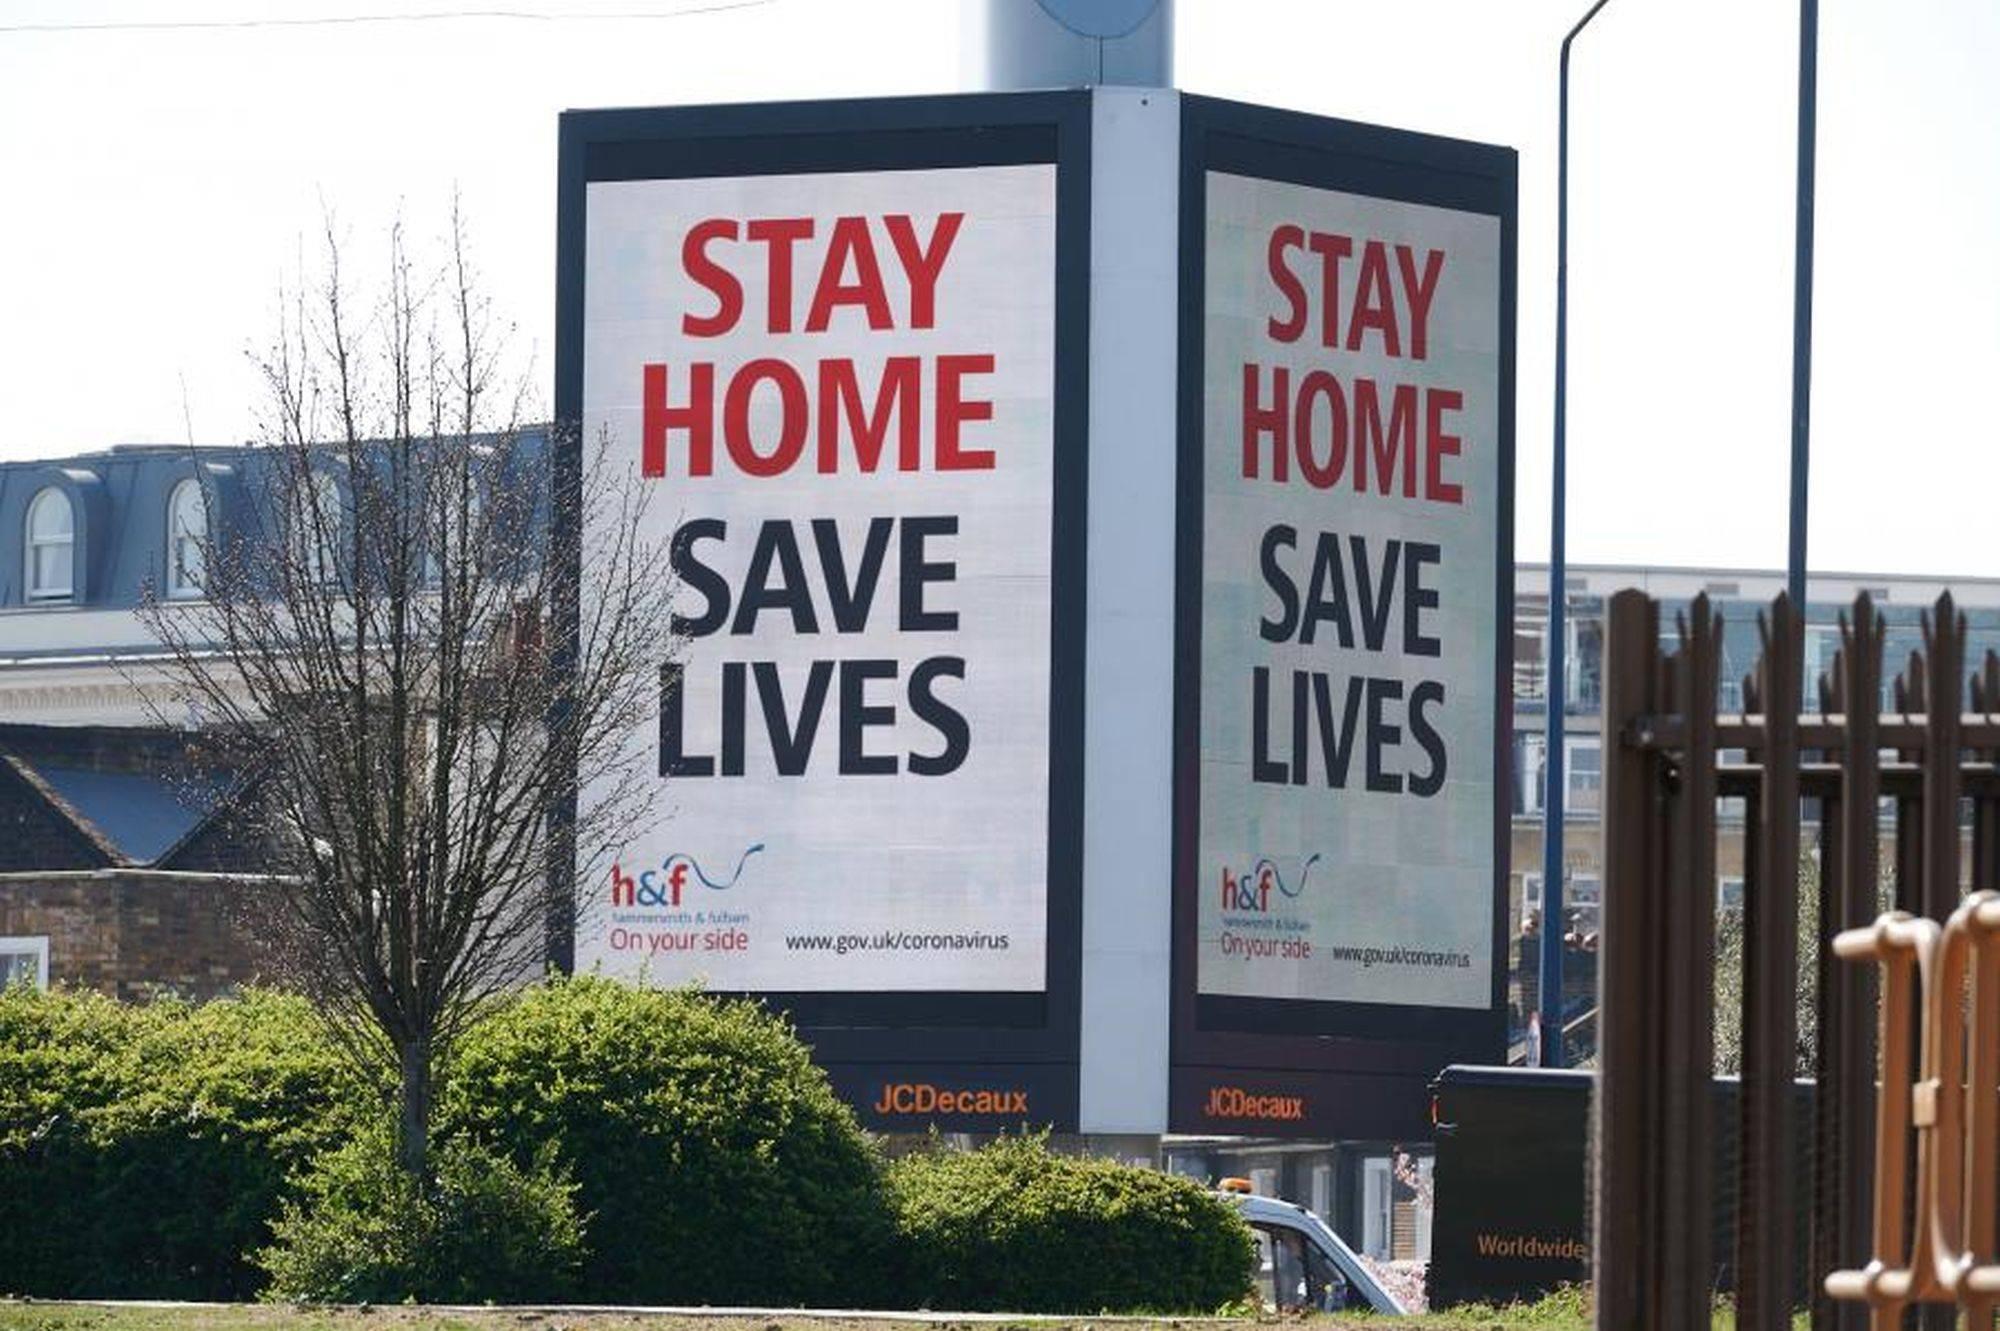 Fique em casa, salve vidas, diz campanha do governo do Reino Unido.